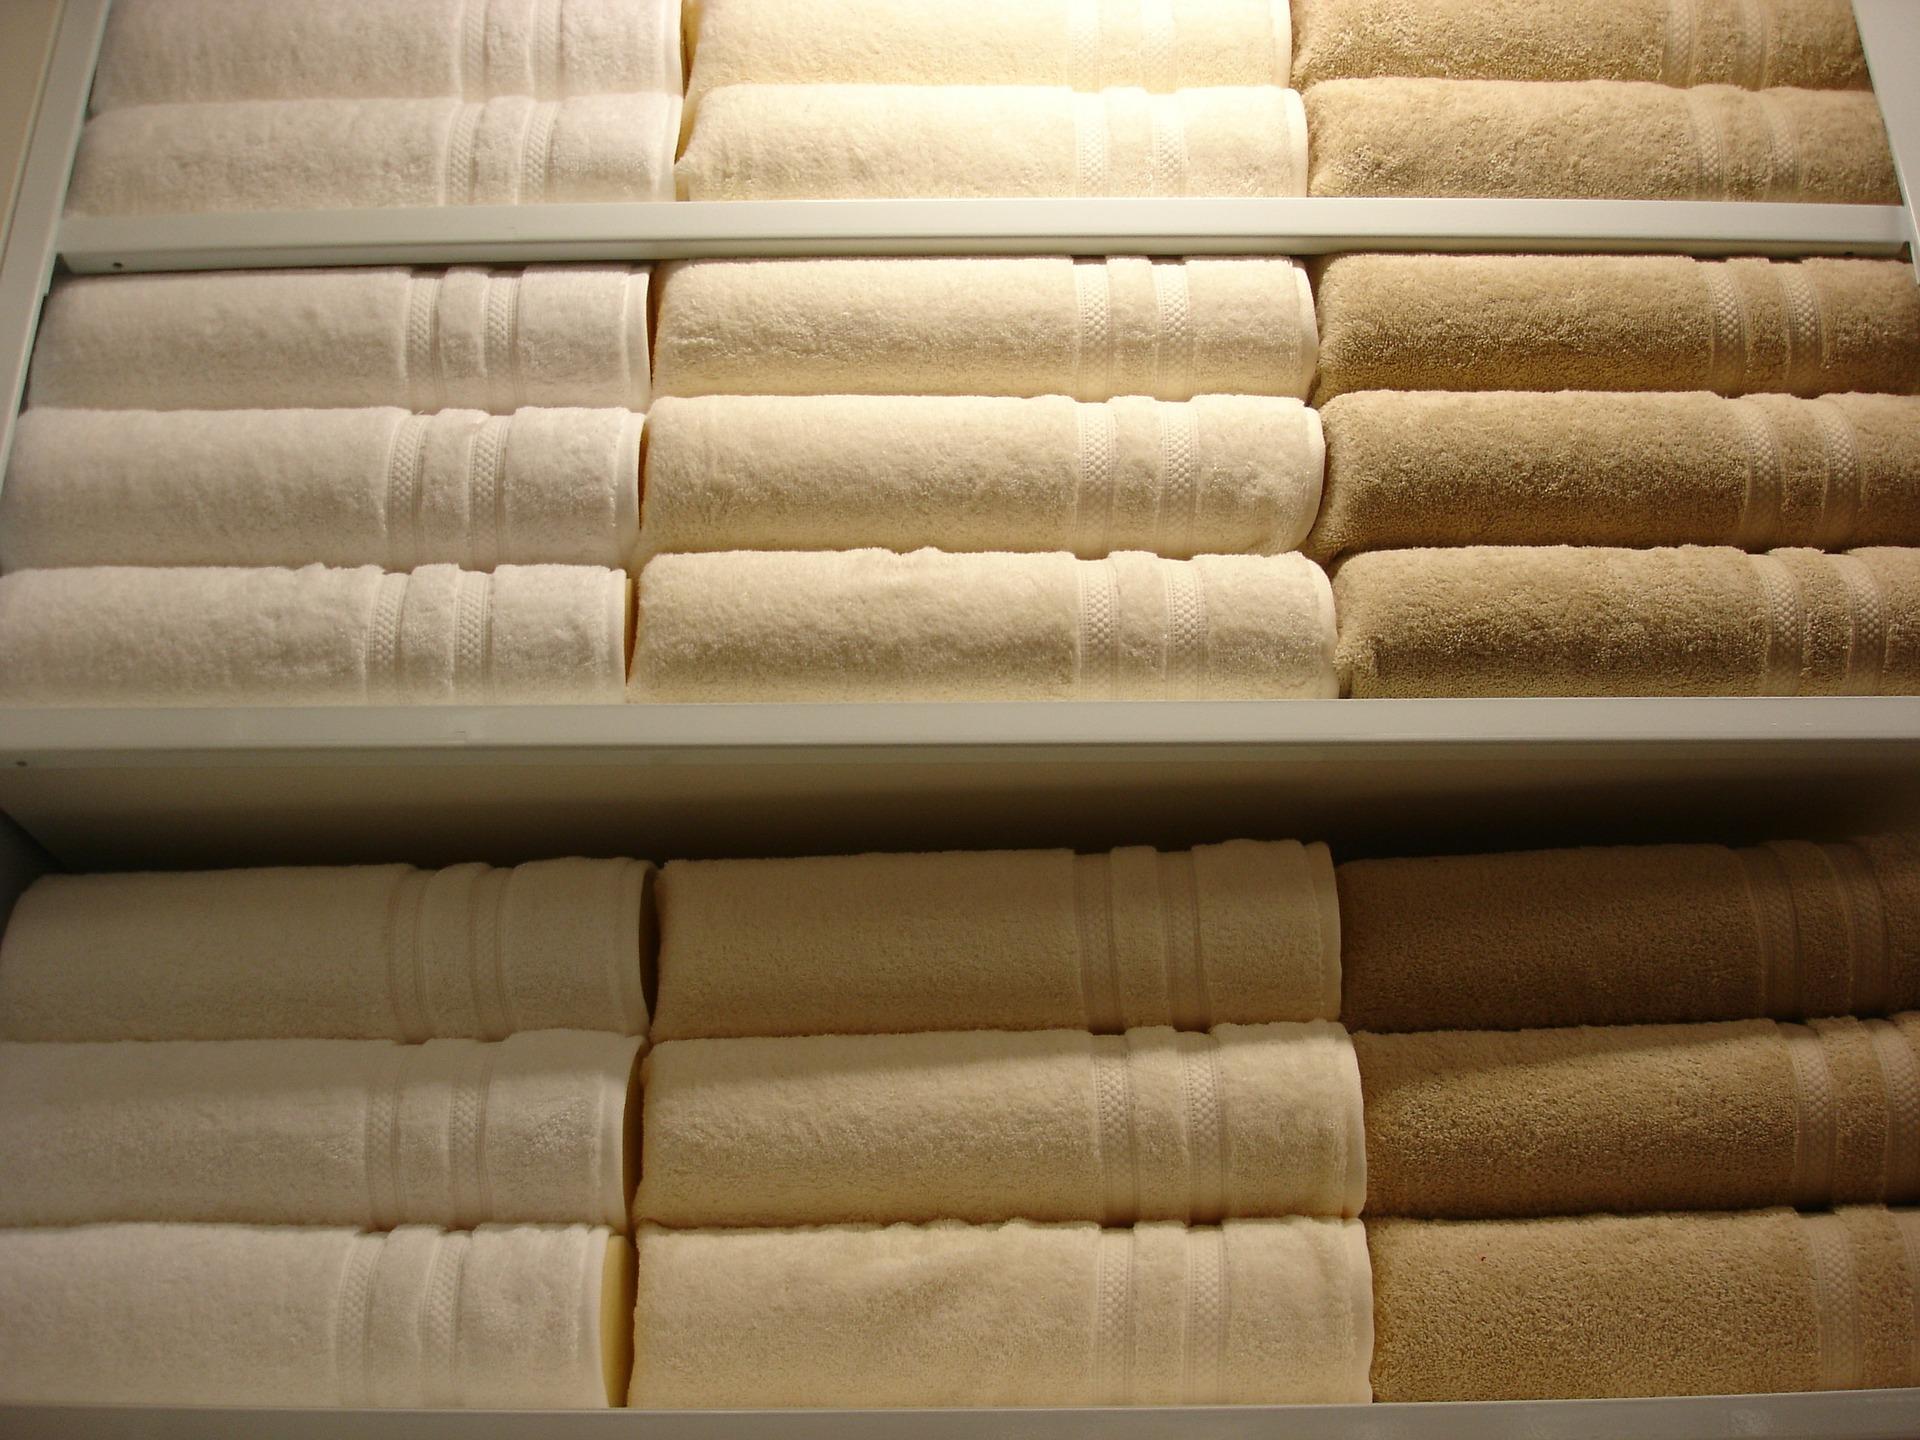 towels-442835_1920